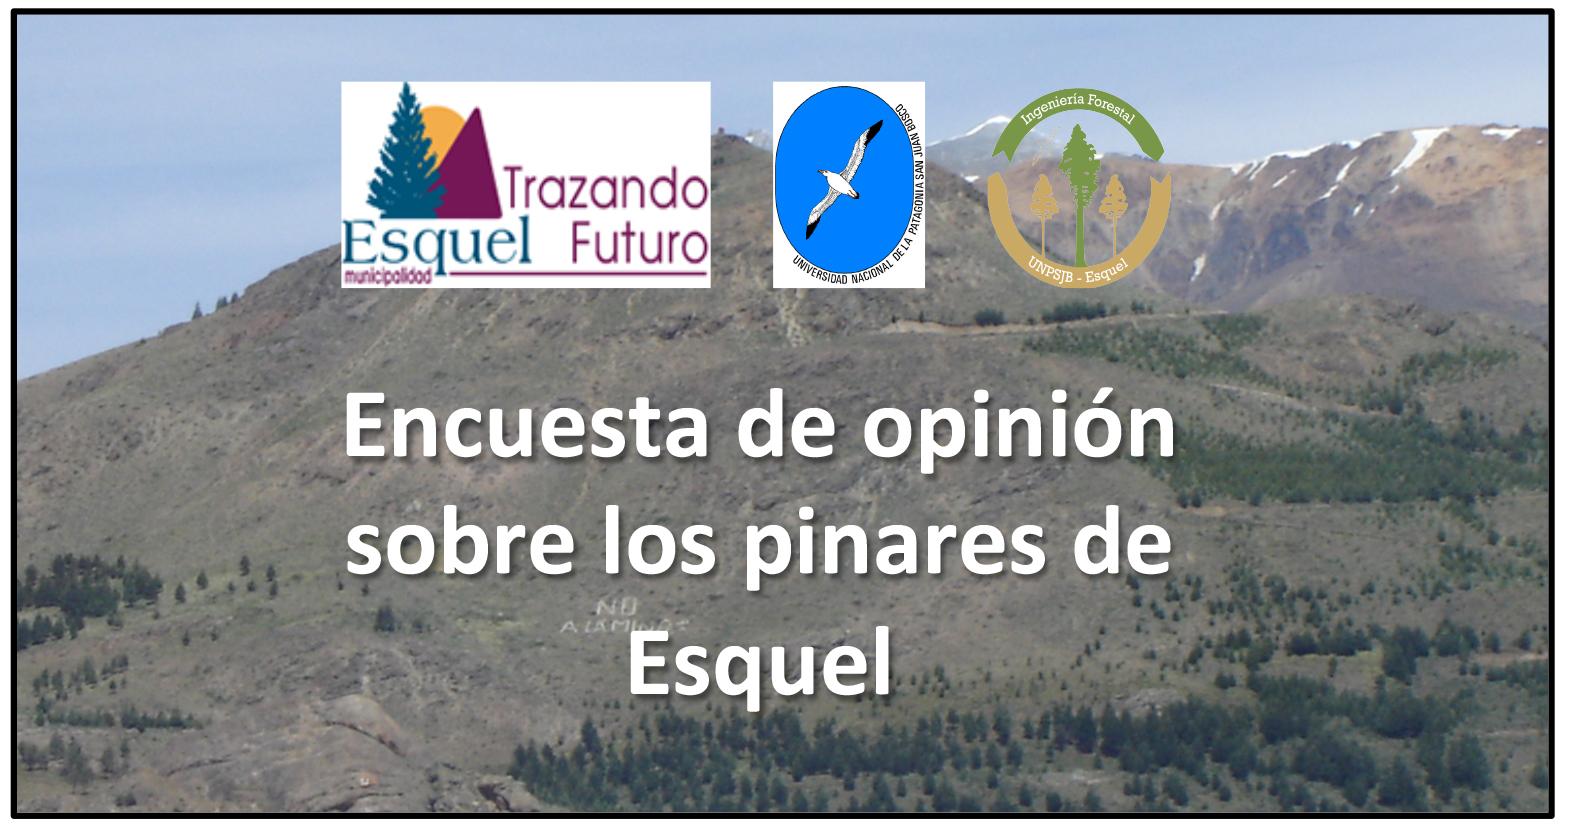 banner para promocionar encuesta